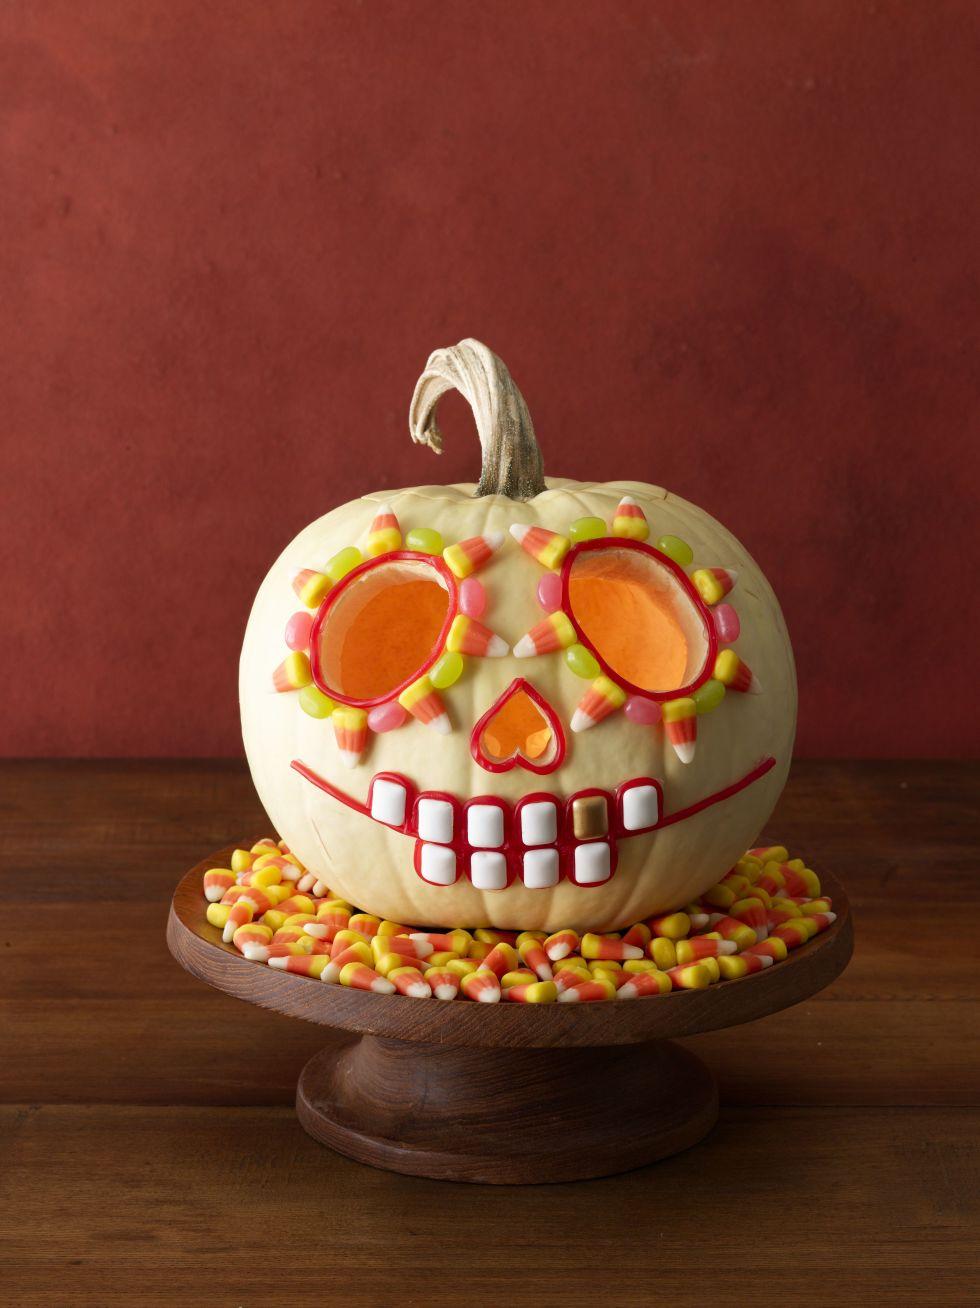 60+ Best Pumpkin Carving Ideas Halloween 2017 - Creative Jack o ...